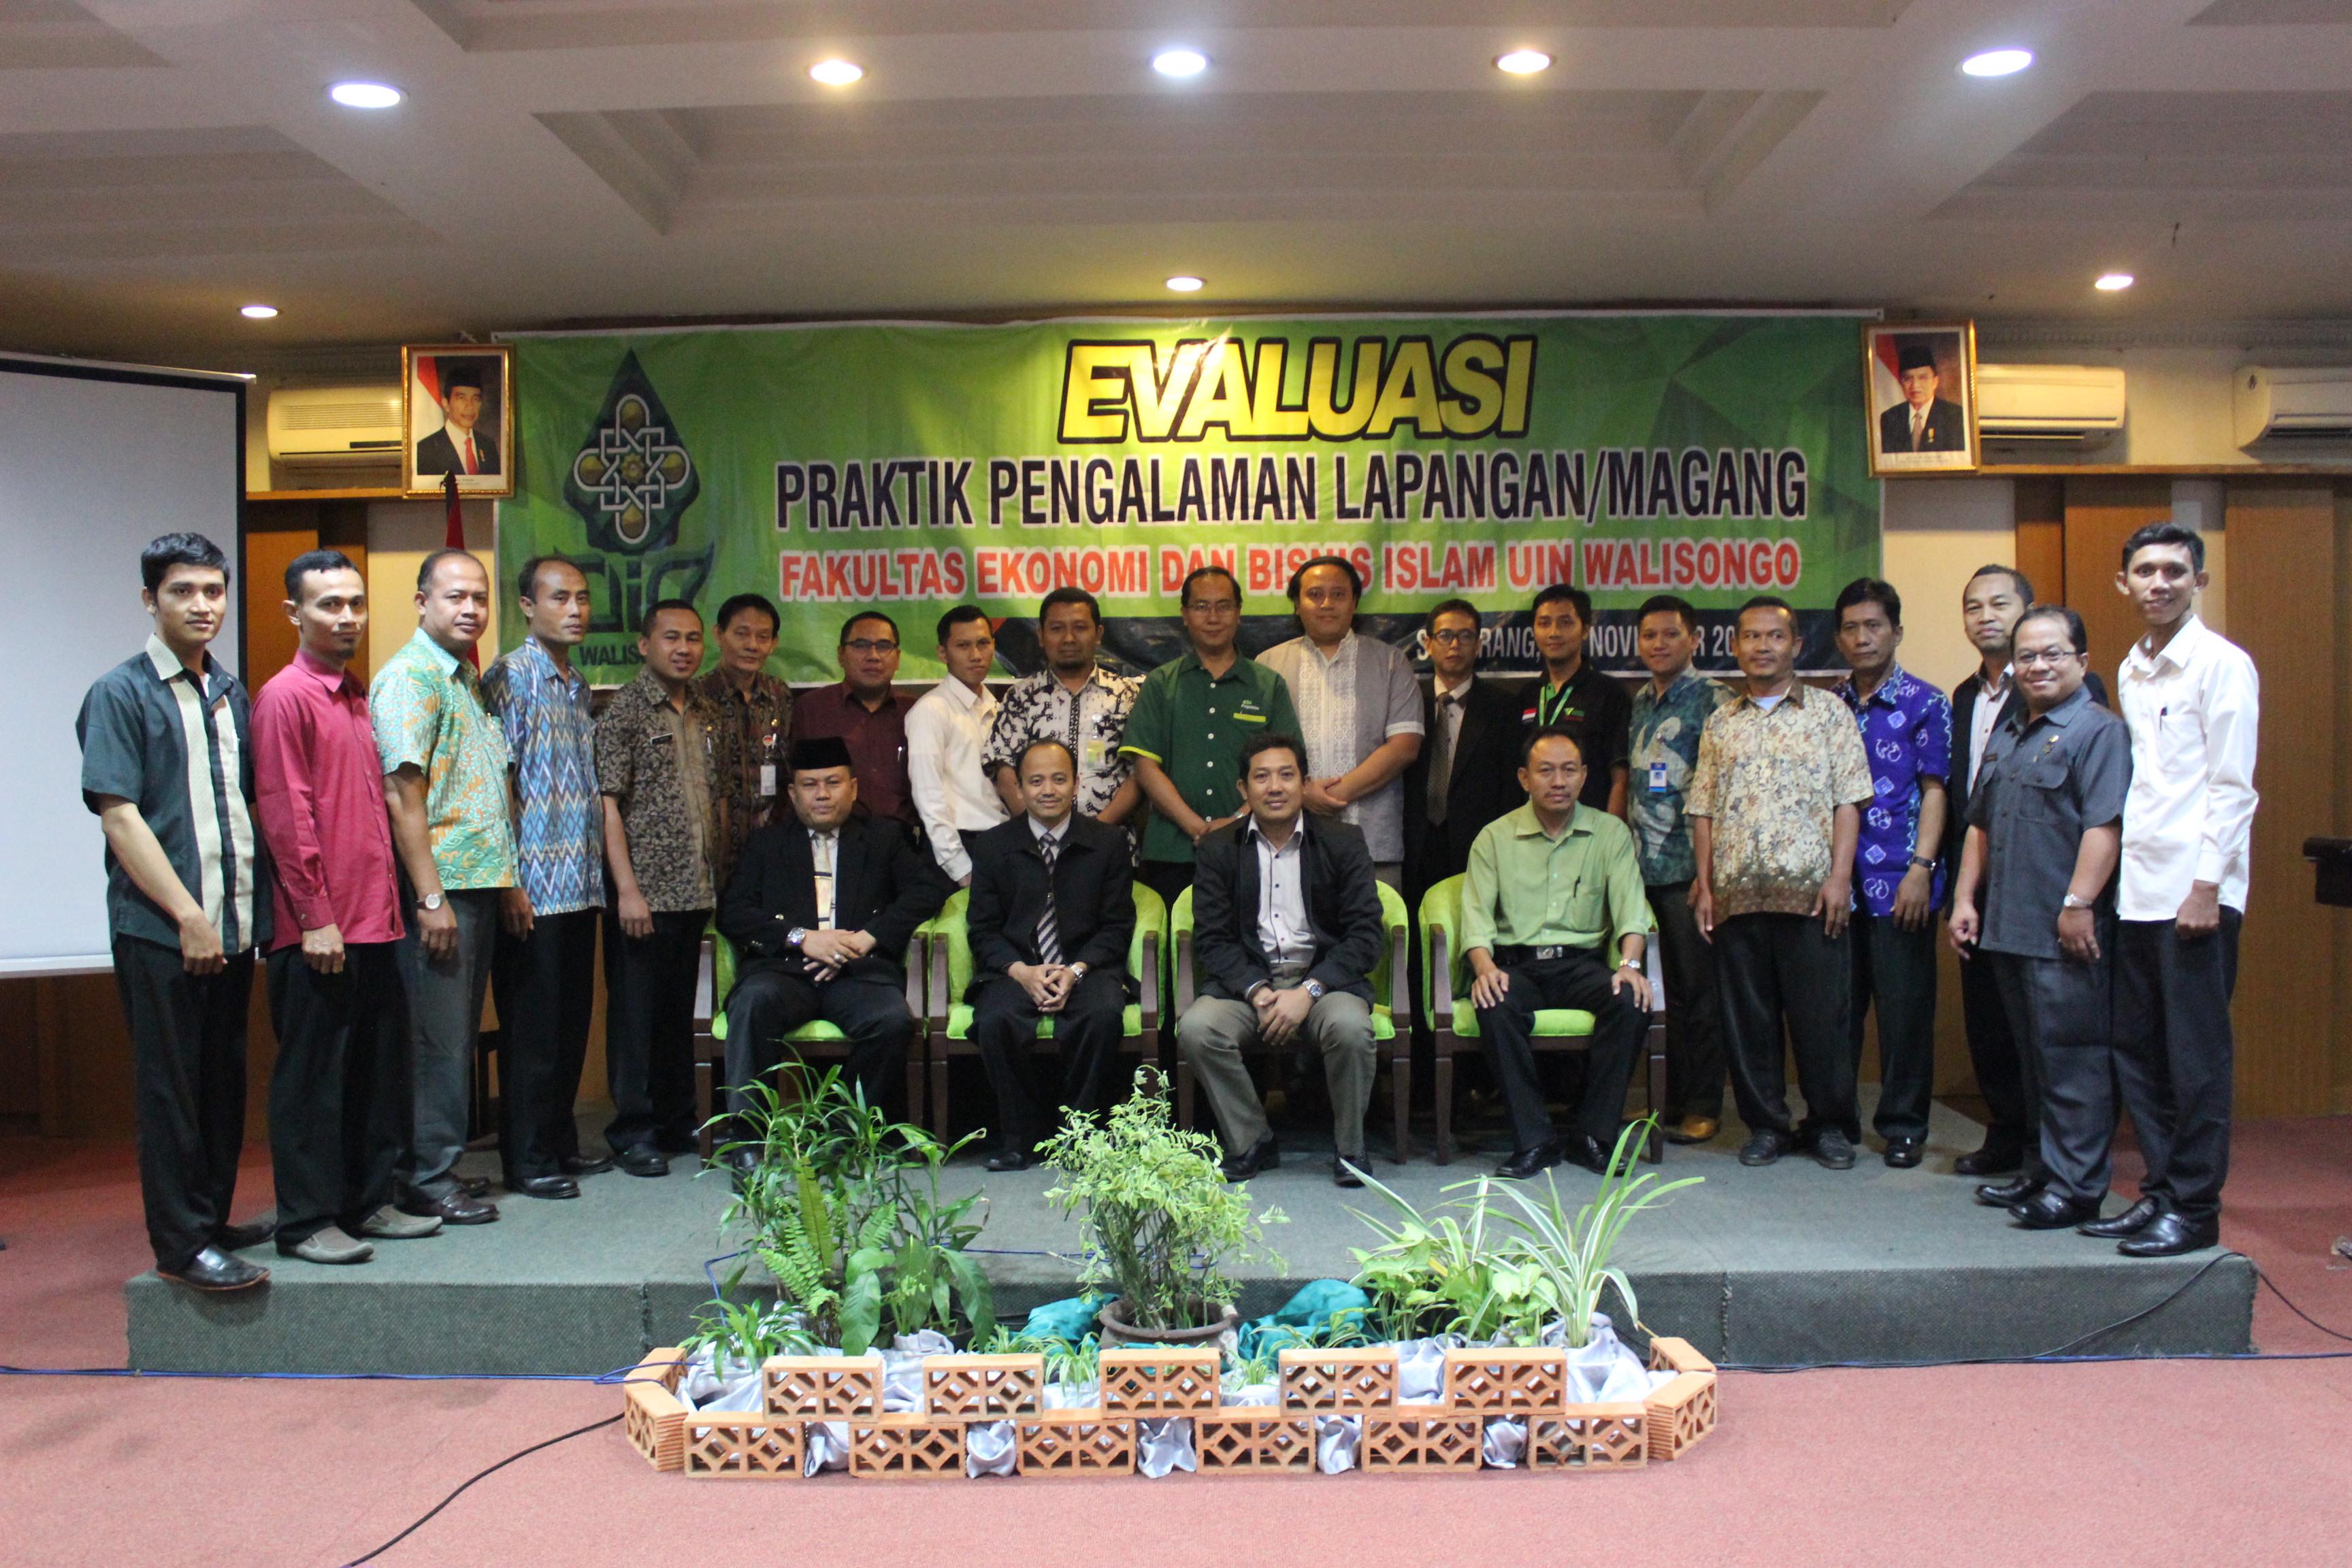 Fakultas Ekonomi Dan Bisnis Islam Melaksanakan Kegiatan Evaluasi PPL / Magang Dengan Lembaga/ Mitra Kerja